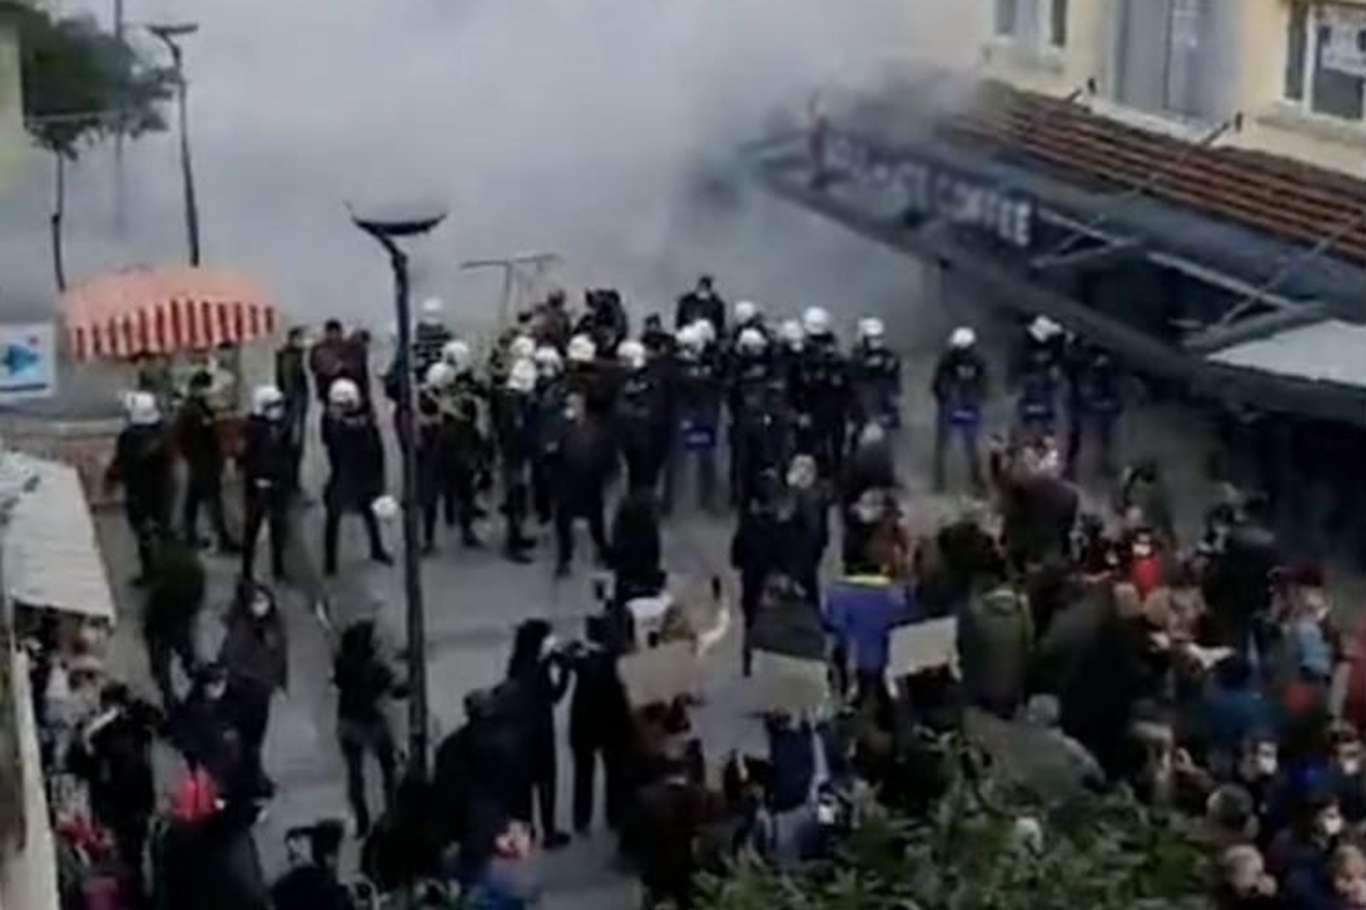 İzmir'de İzinsiz Gösteri Düzenleyen 51 Kişi Gözaltına Alındı